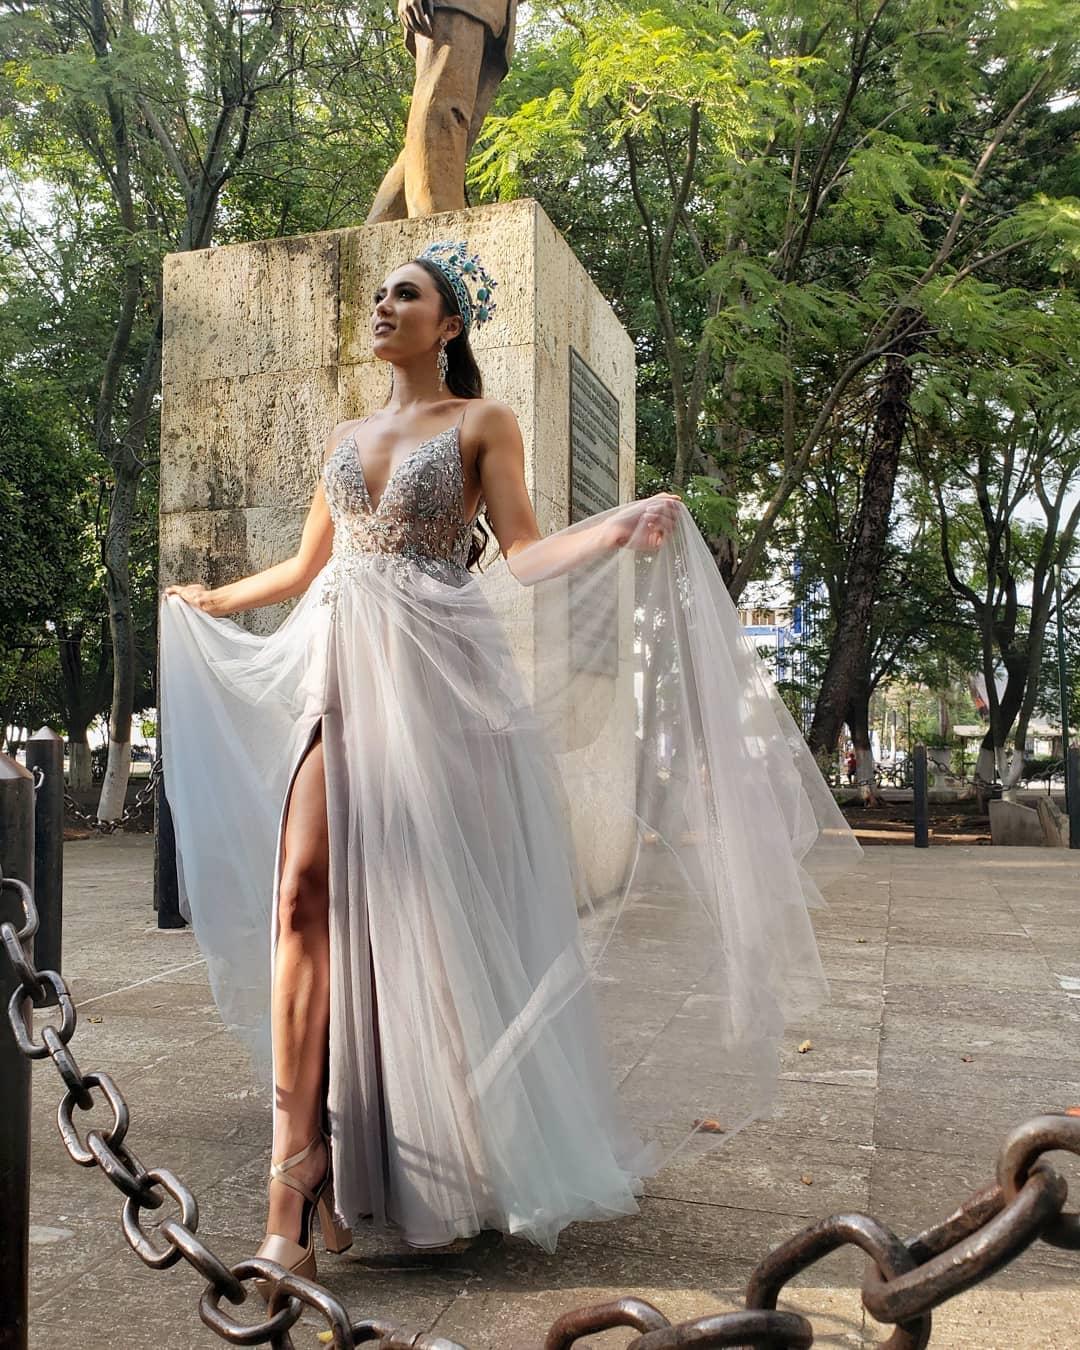 karolina vidales, candidata a miss mexico (mundo) 2020, representando michoacan. - Página 7 70758810